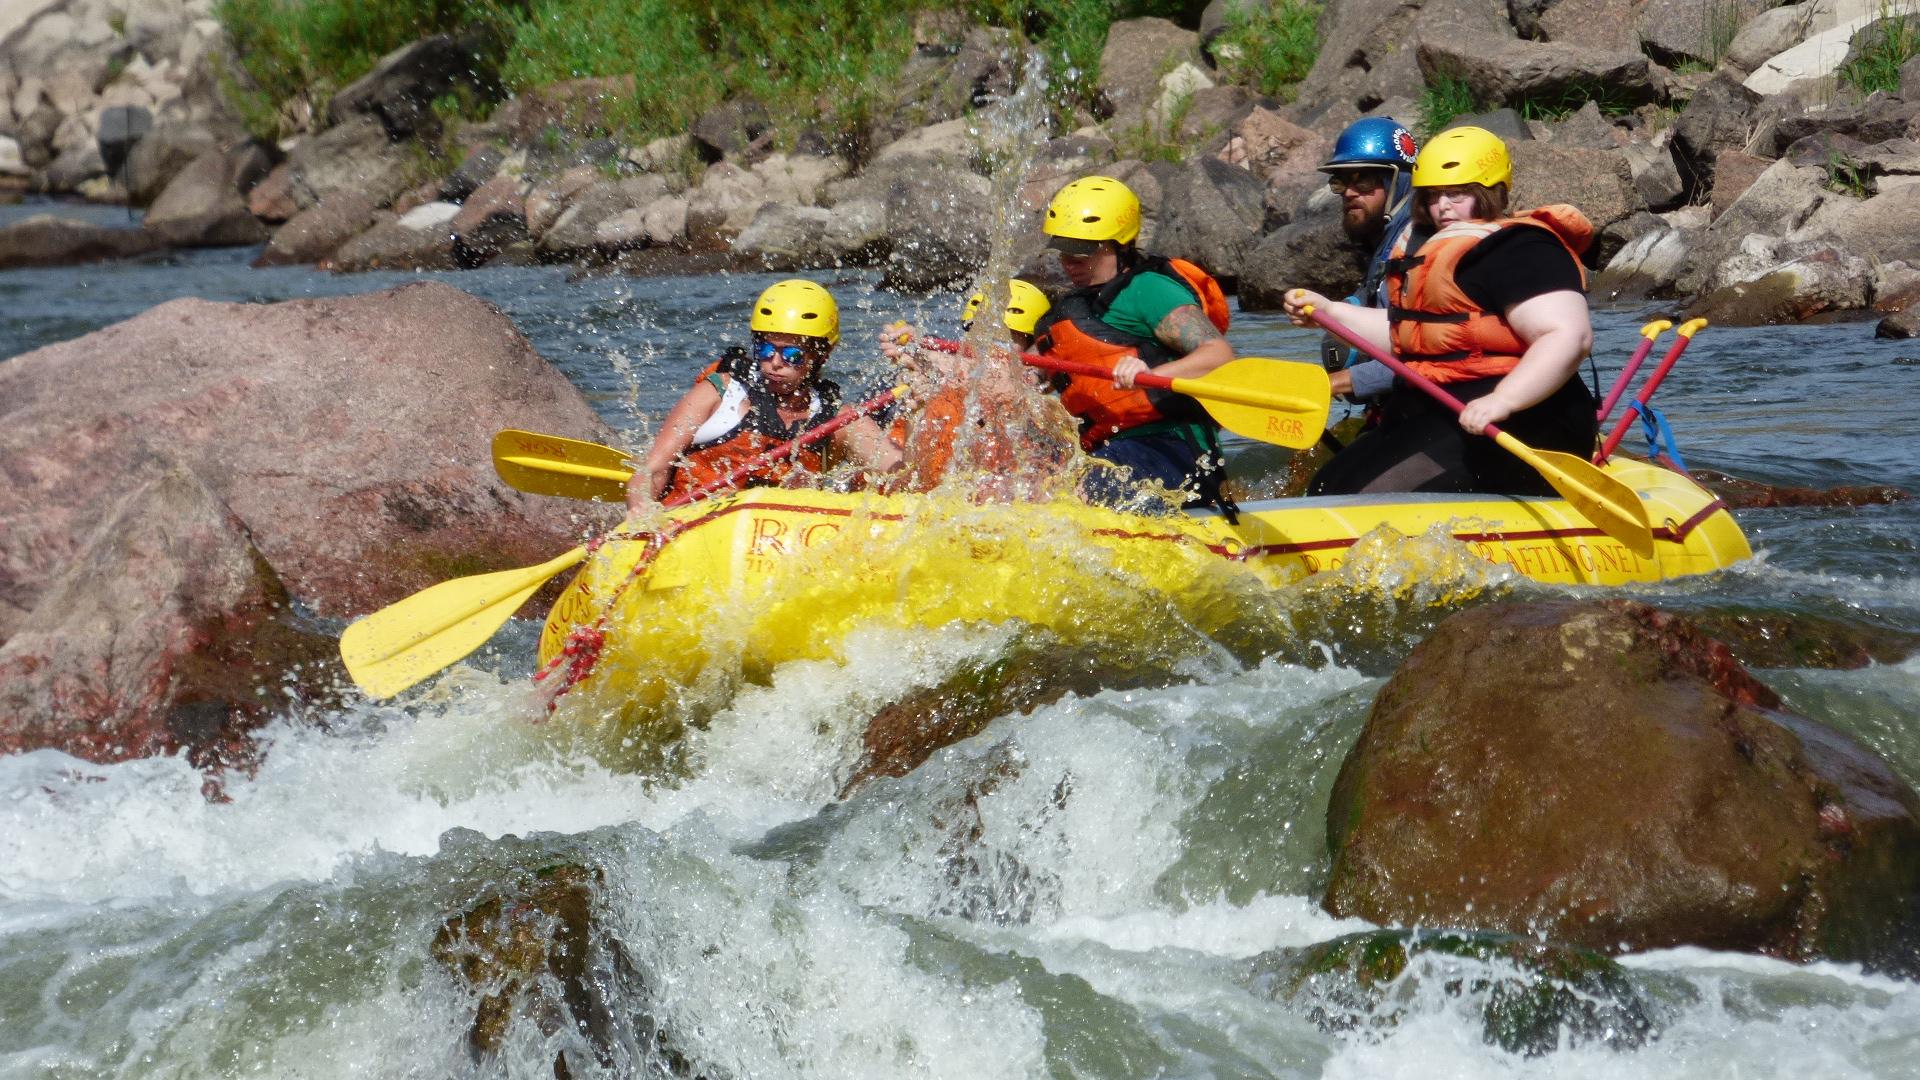 Photo courtesy of Royal Gorge Rafting